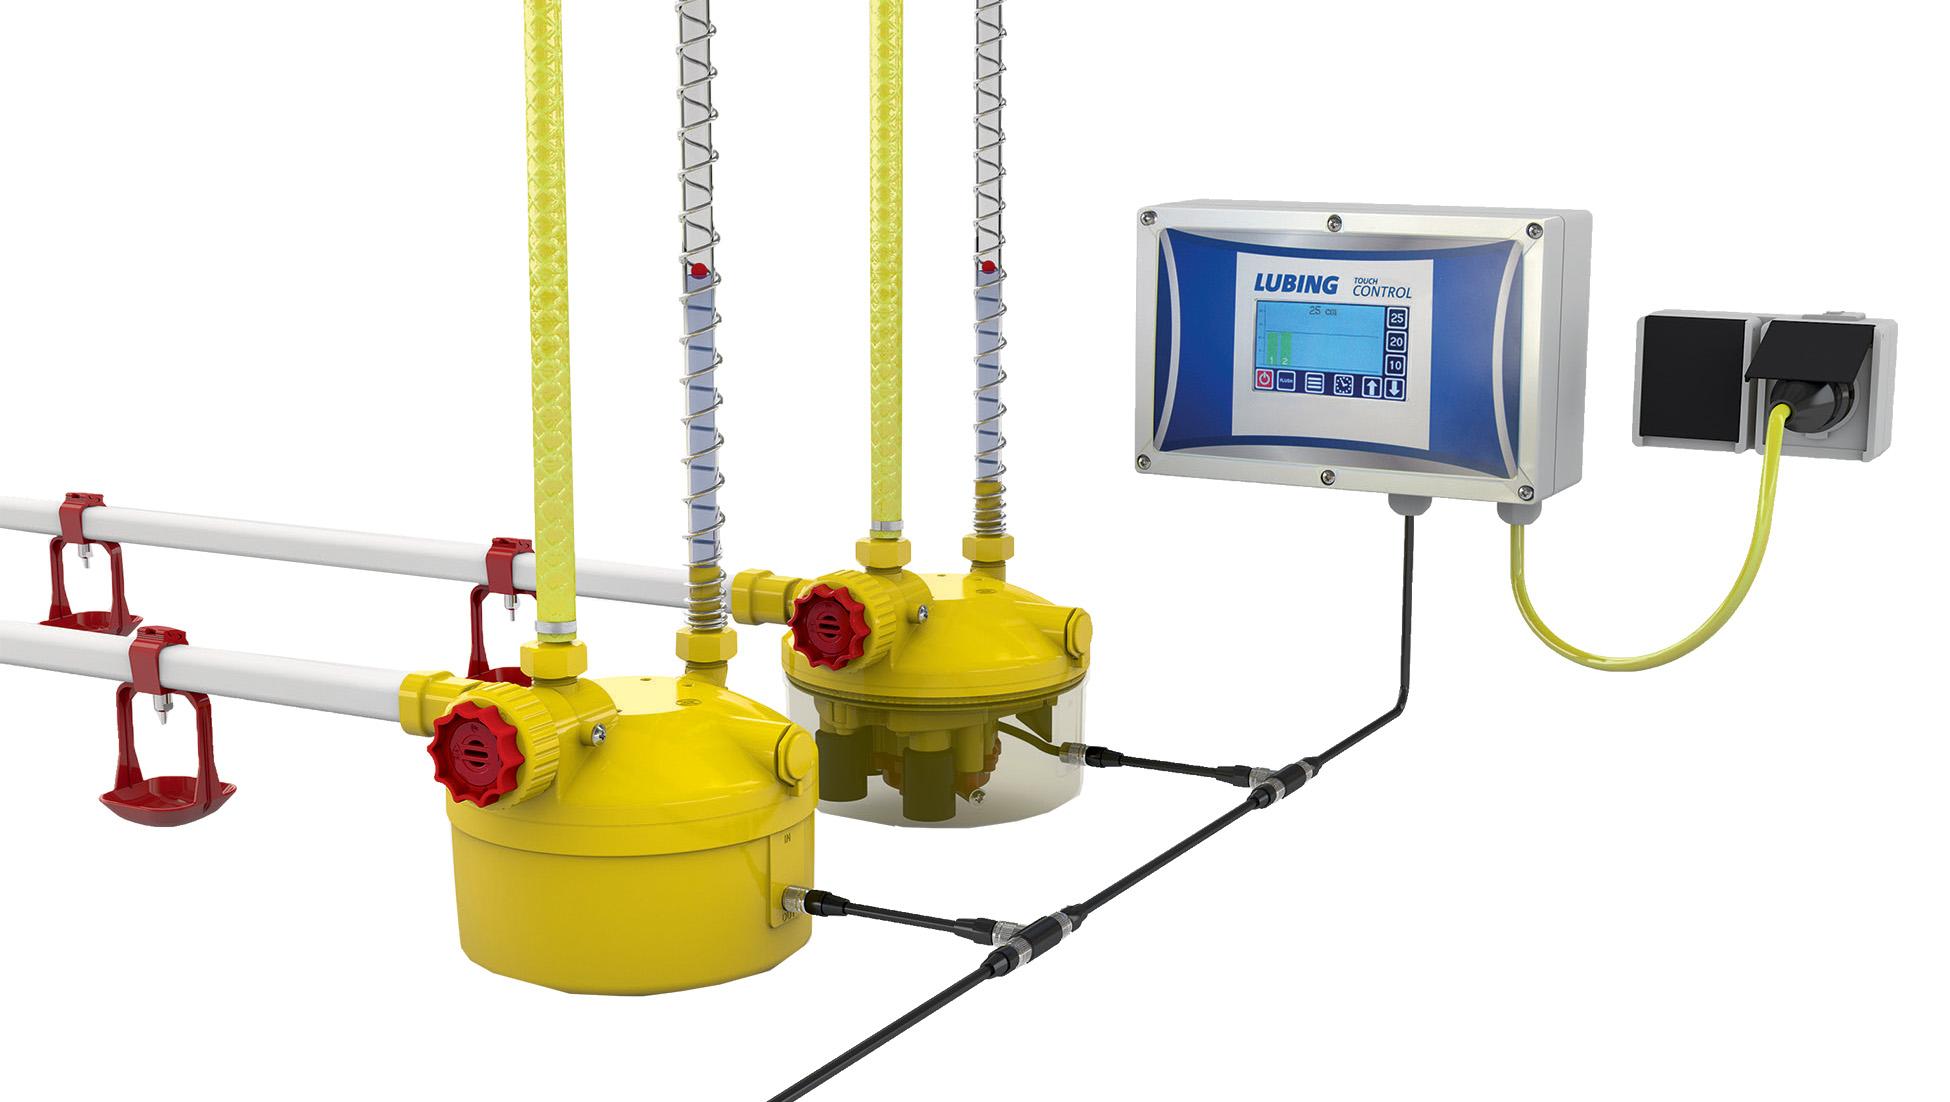 Das Druckminderer-System LUBING Optima E-Control regelt die Wassersäulen in den Tränkelinien automatisch.